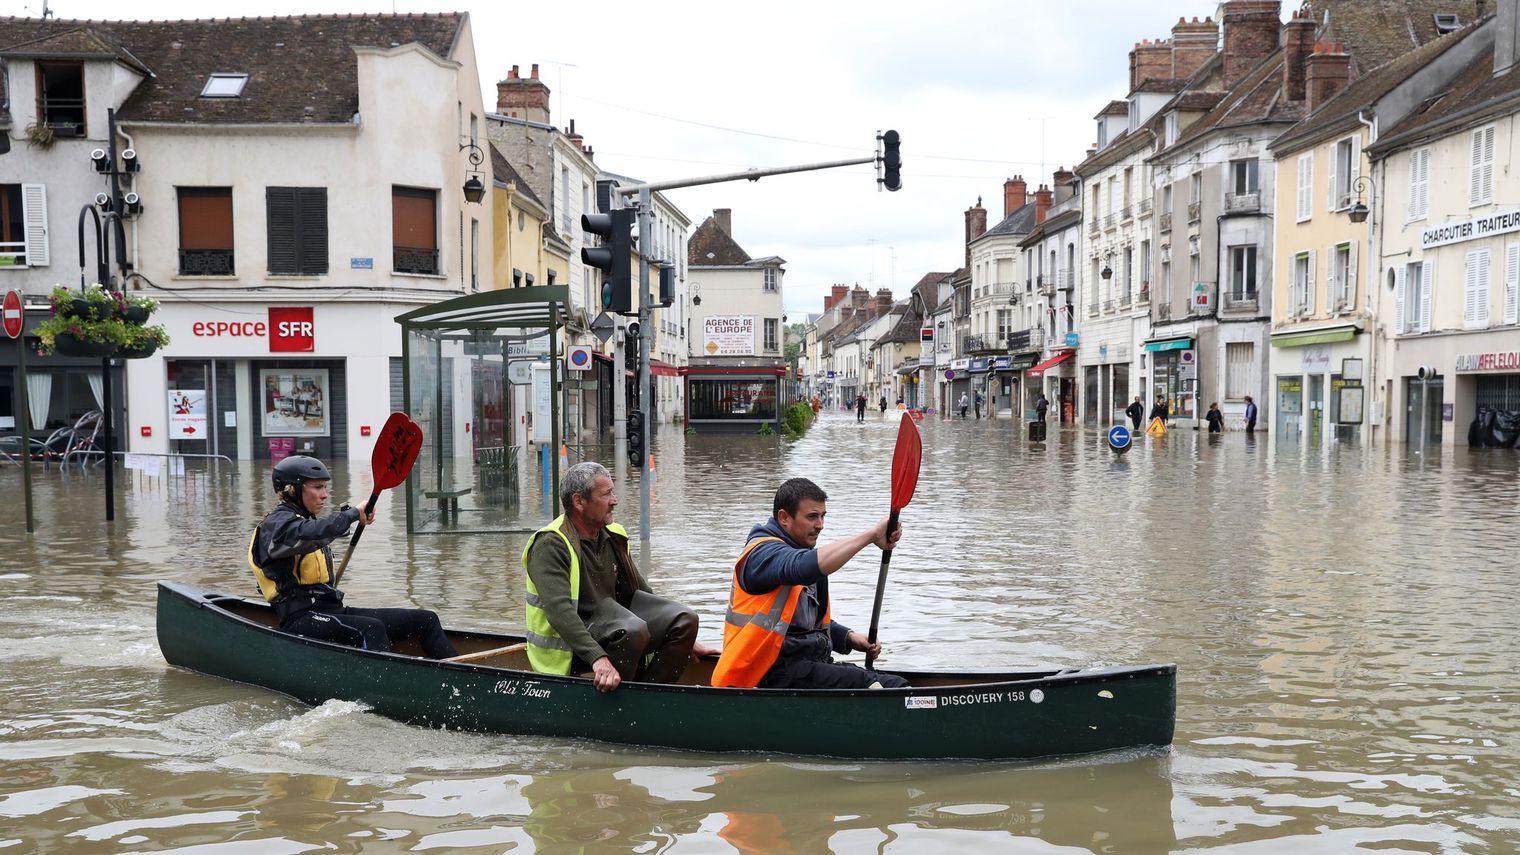 La situation en France s'améliore après les récentes inondations